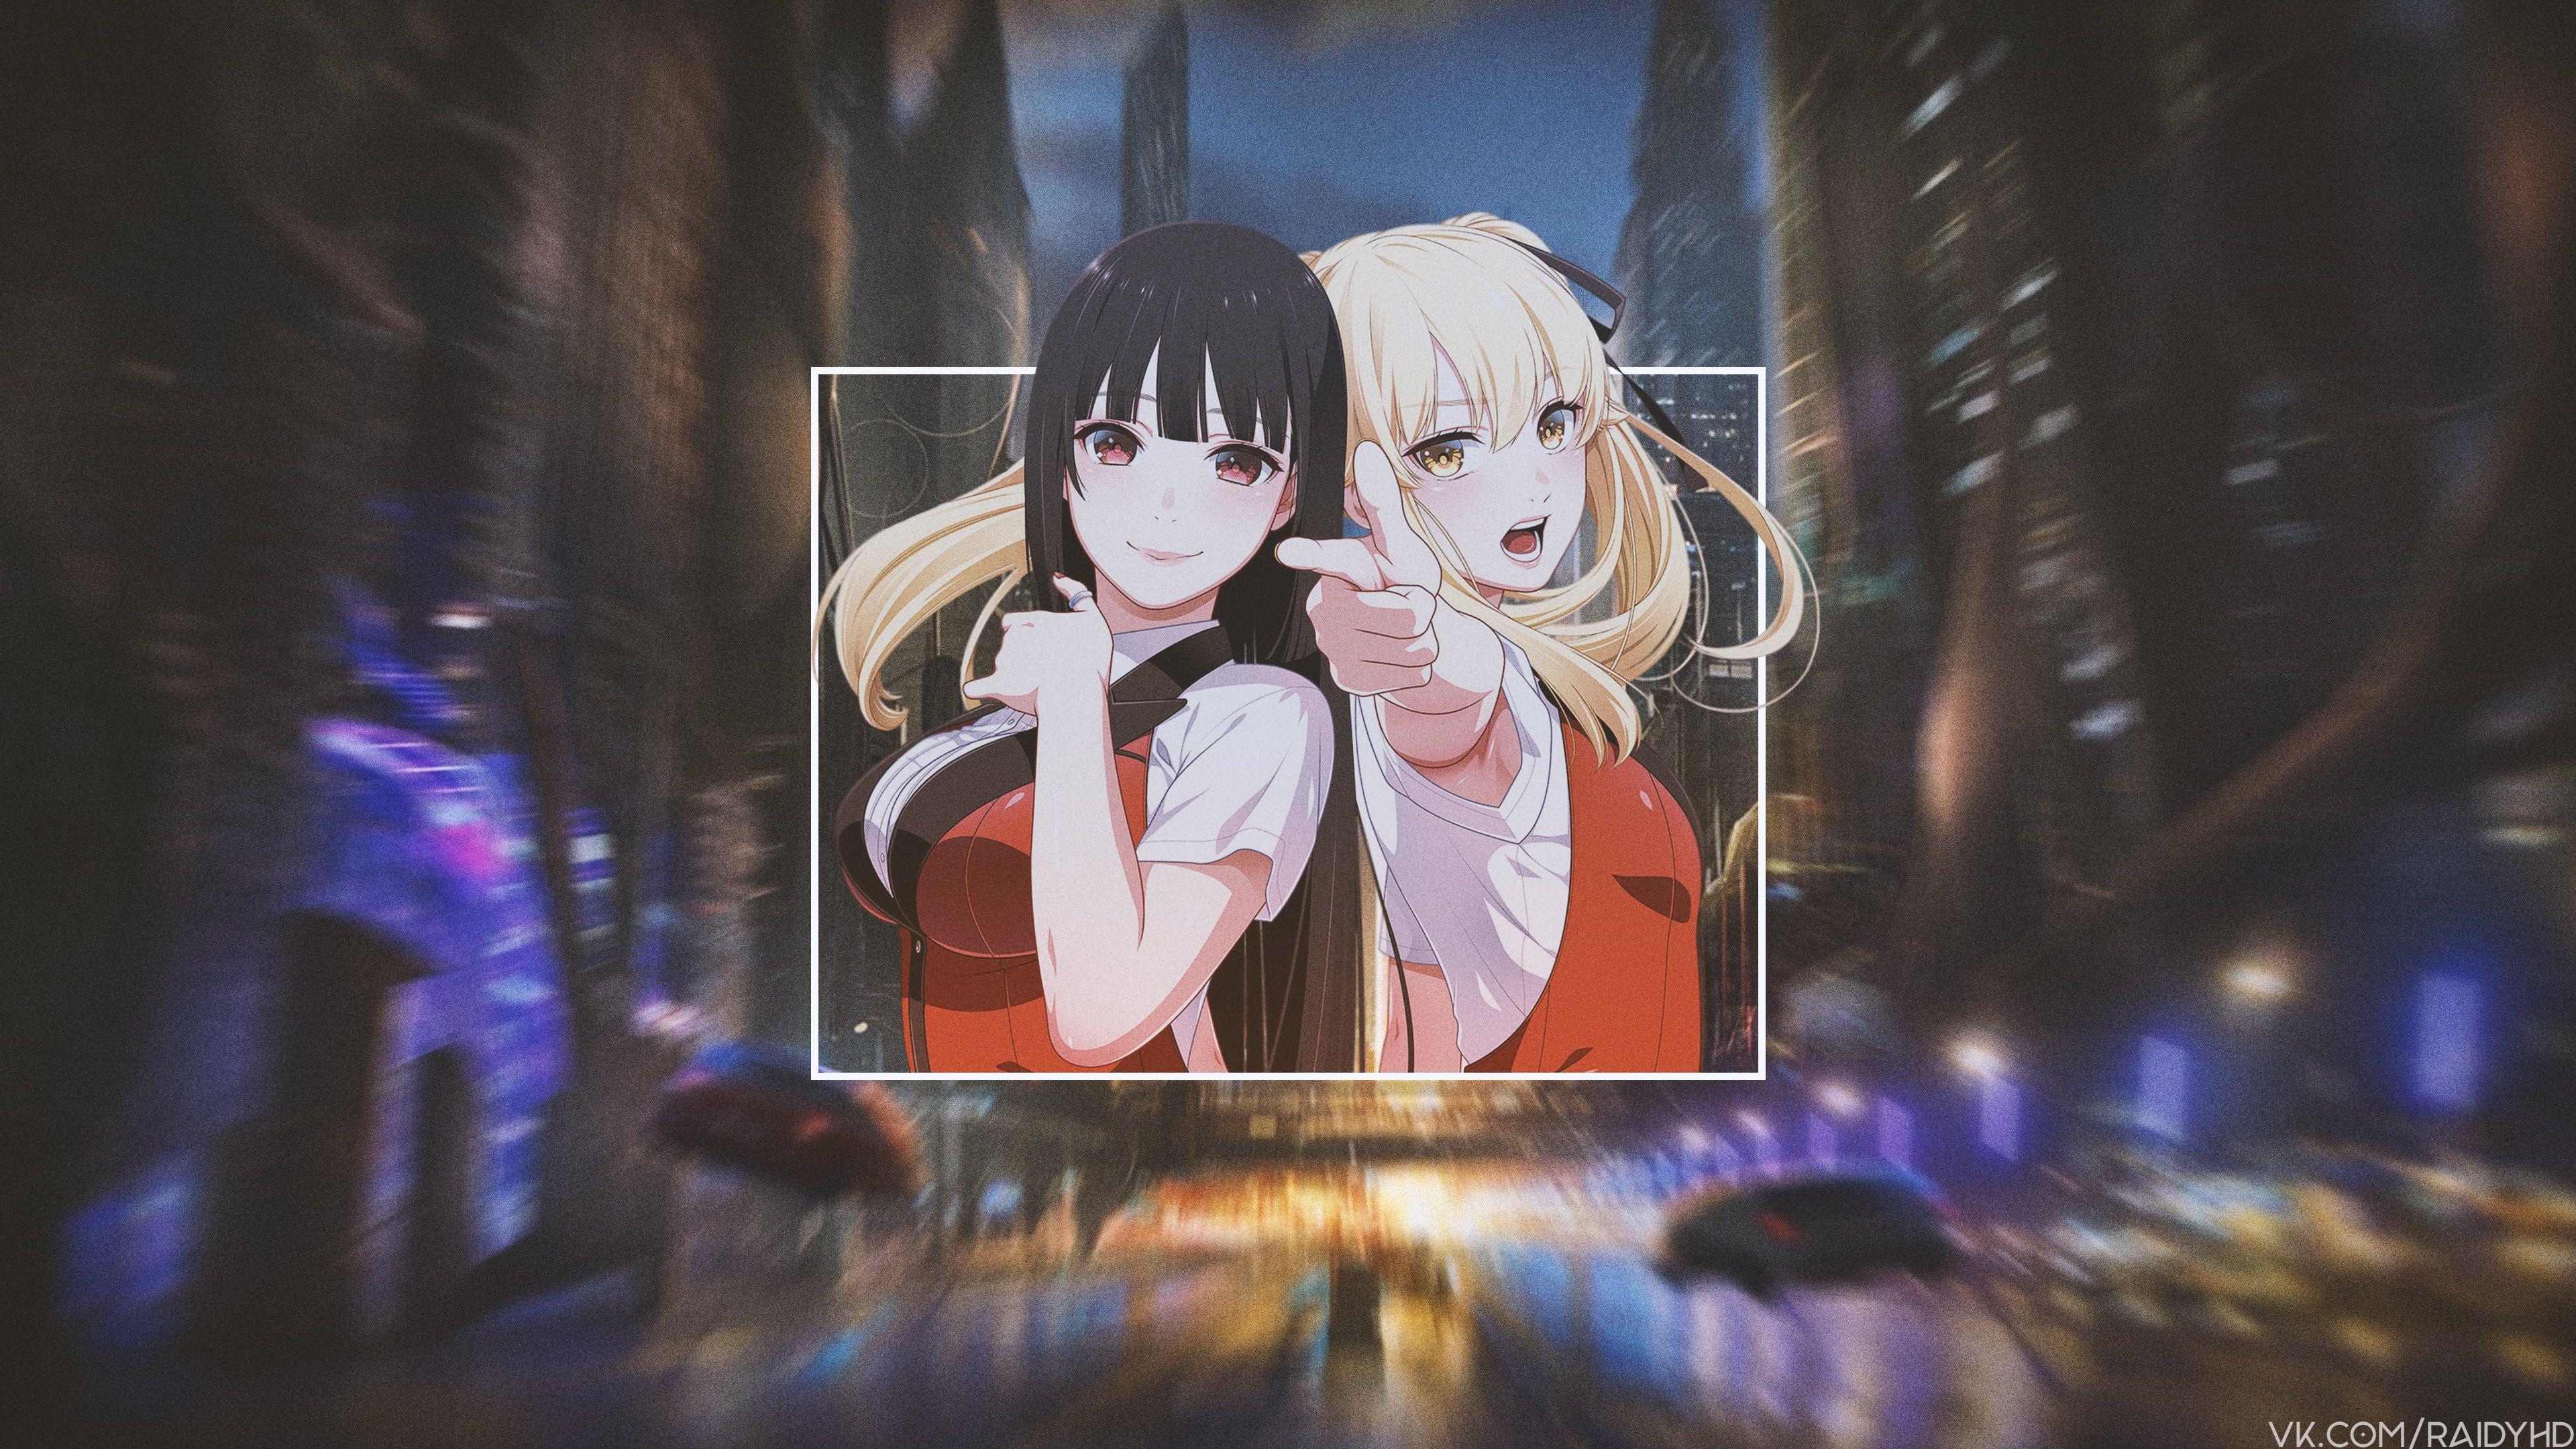 Pin On Anime Cute 3